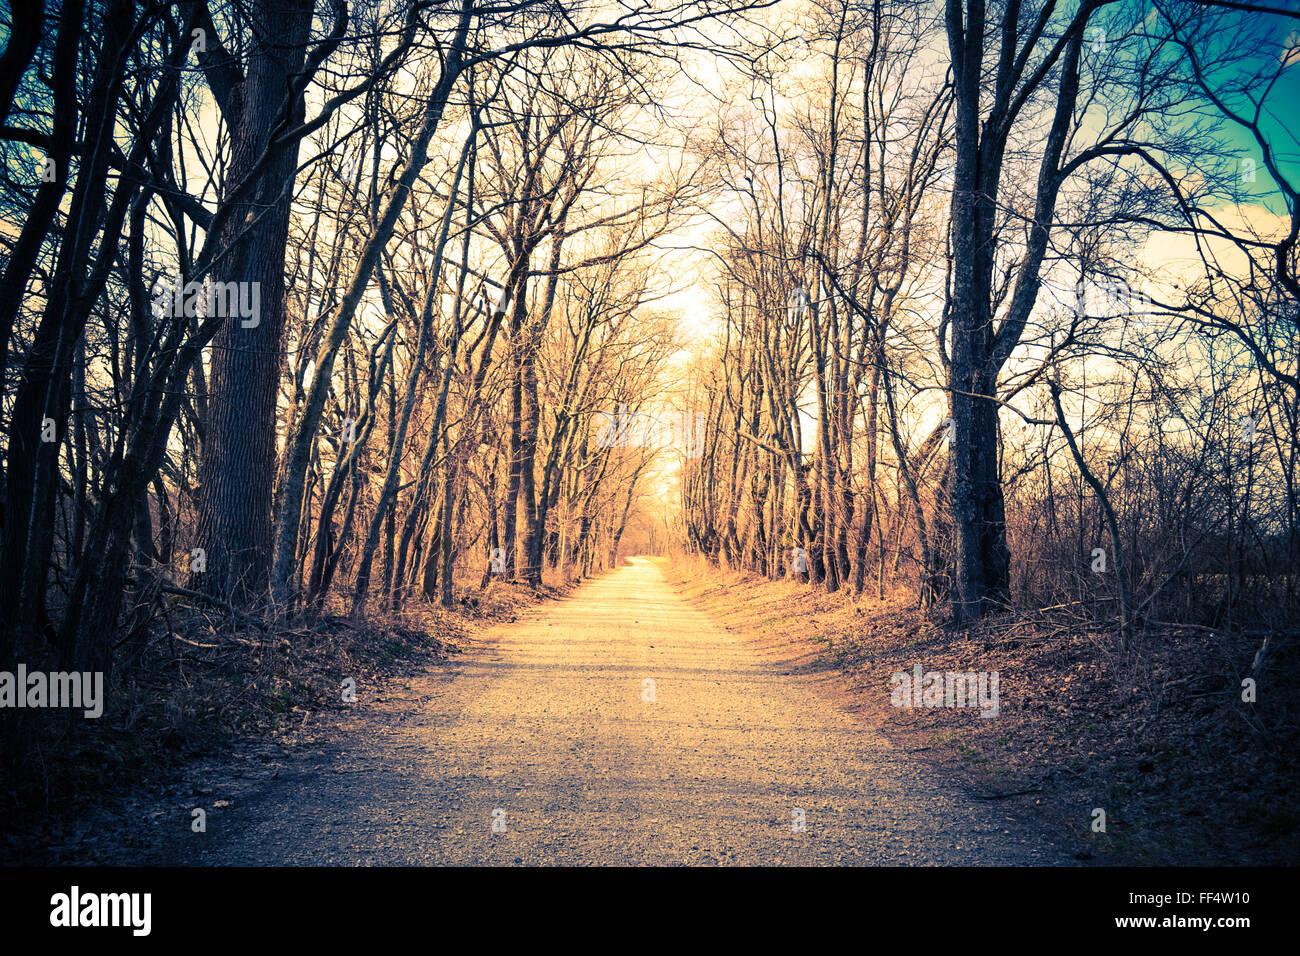 Gravilla arbolada country road. Vintage, retro. Ruta o dirección de concepto. Imagen De Stock